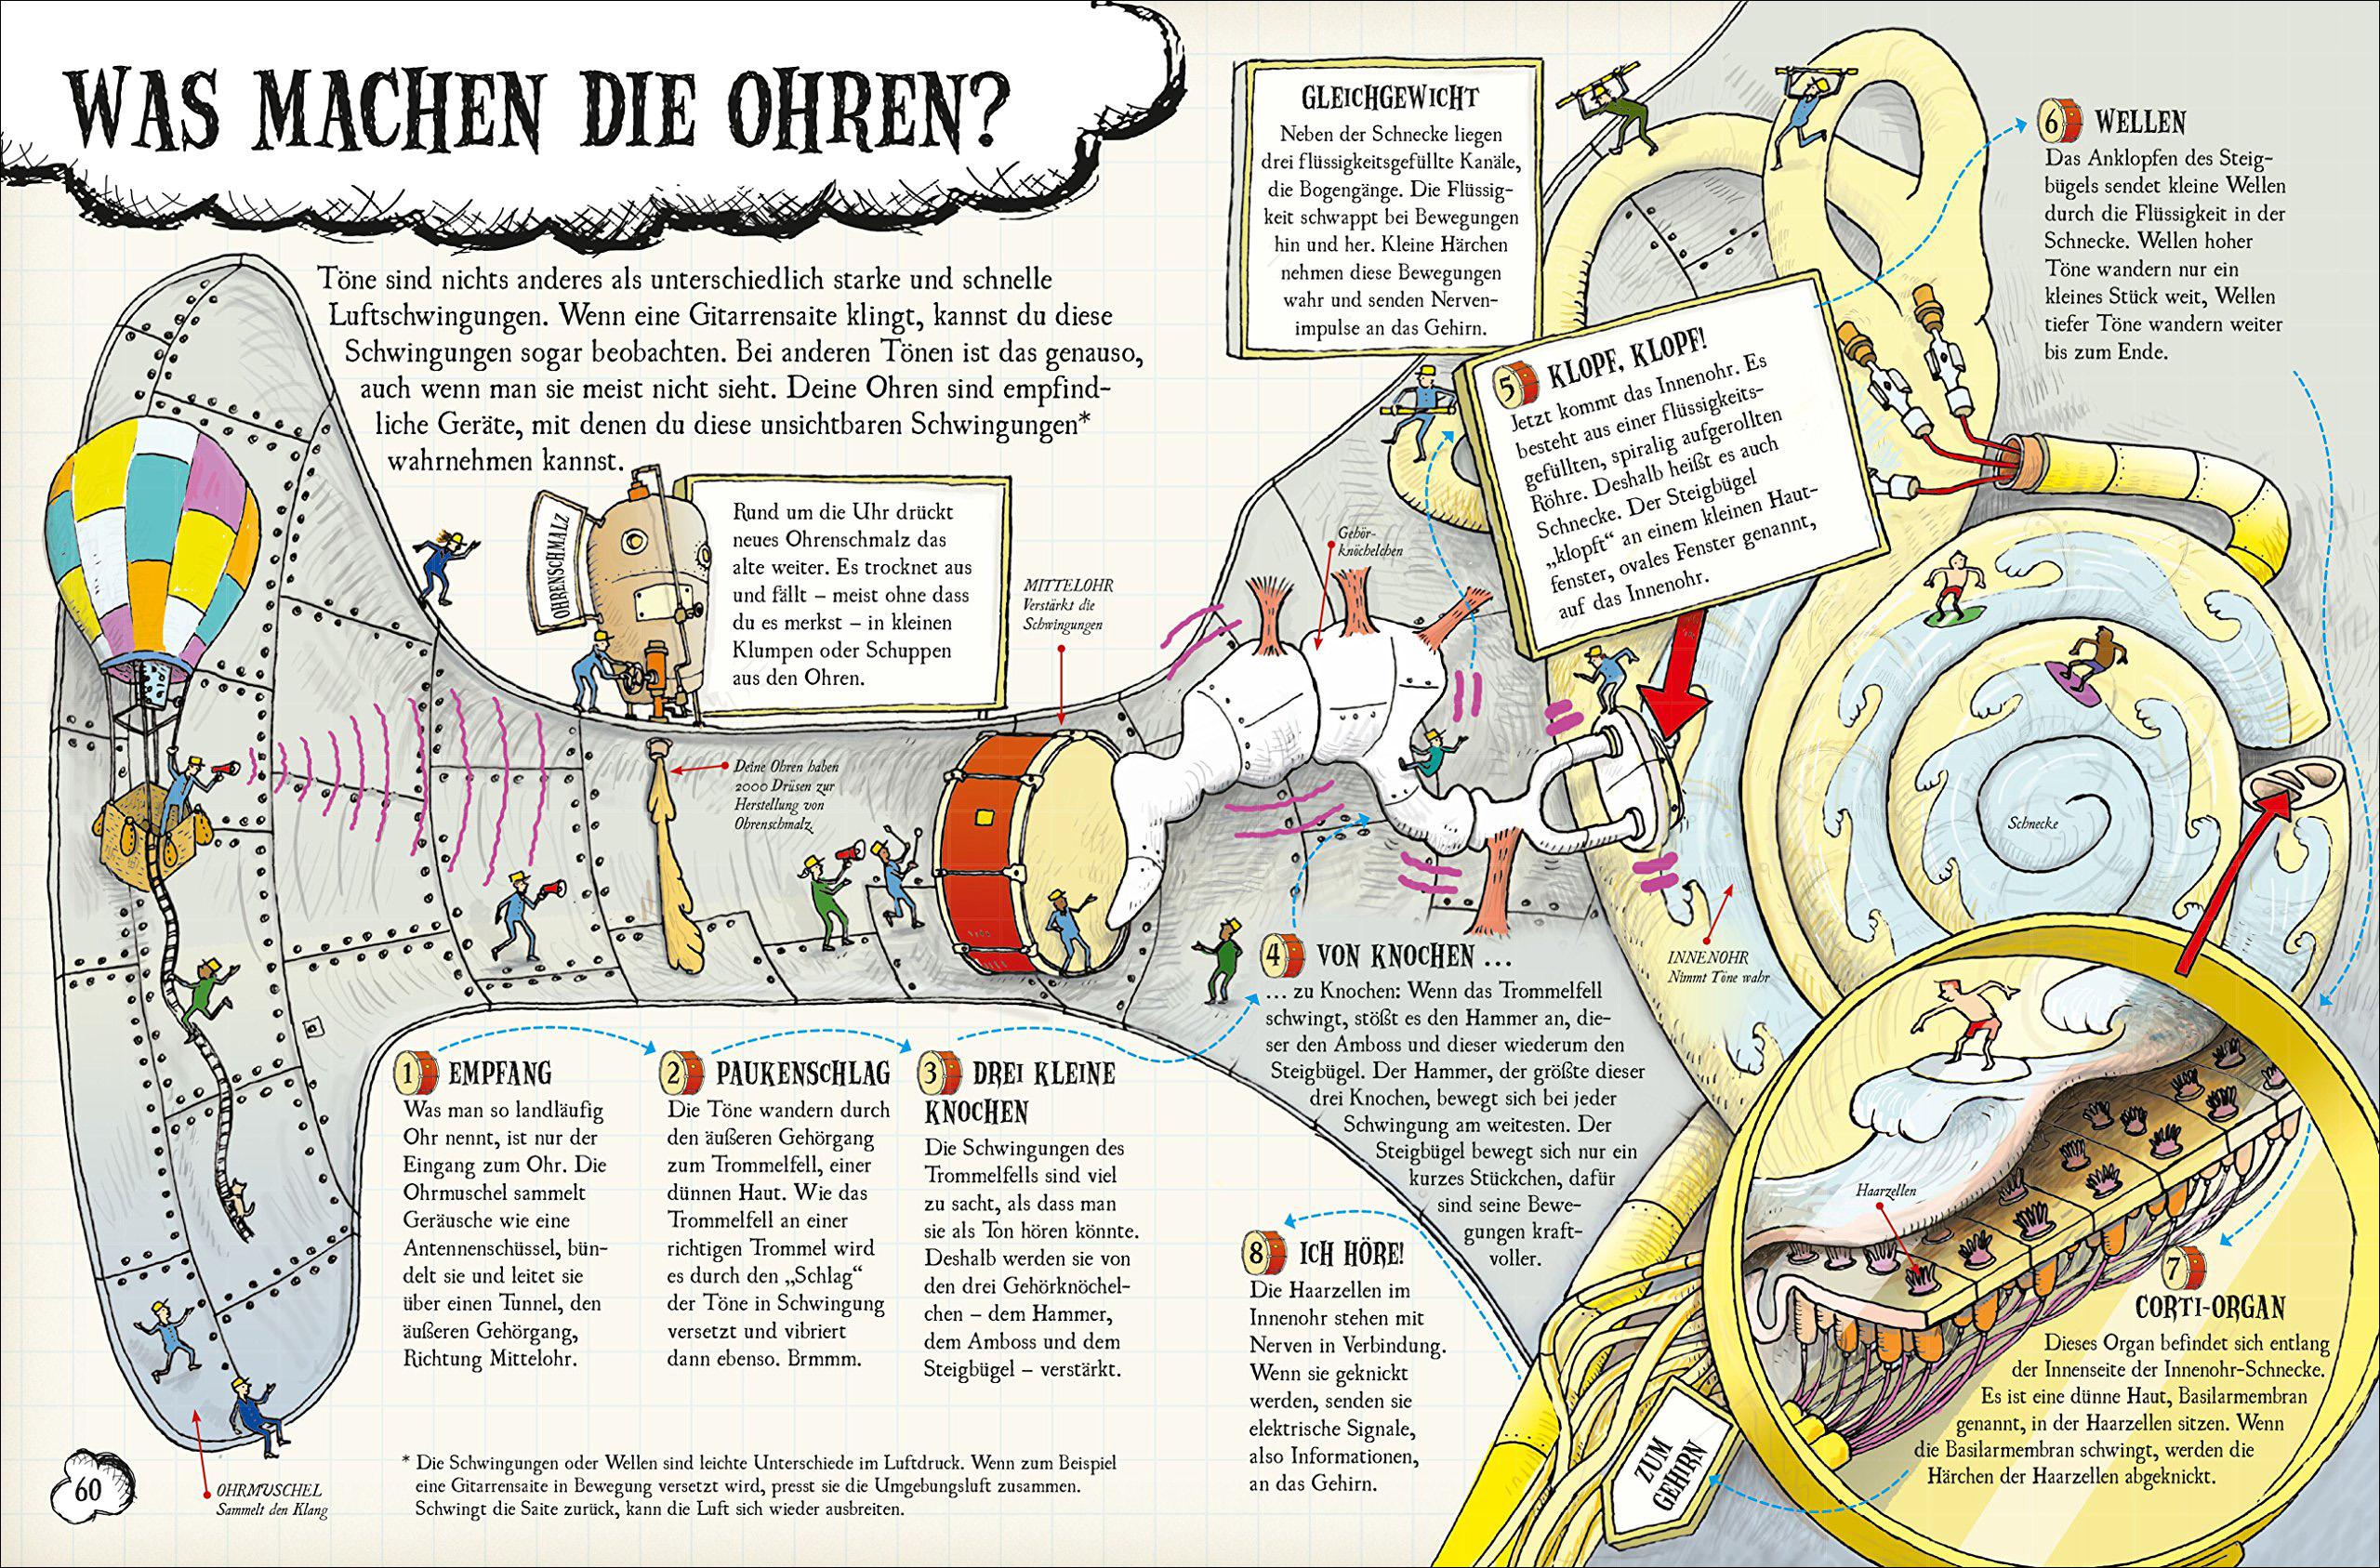 Groß Körper Funktioniert Anatomie Ideen - Menschliche Anatomie ...